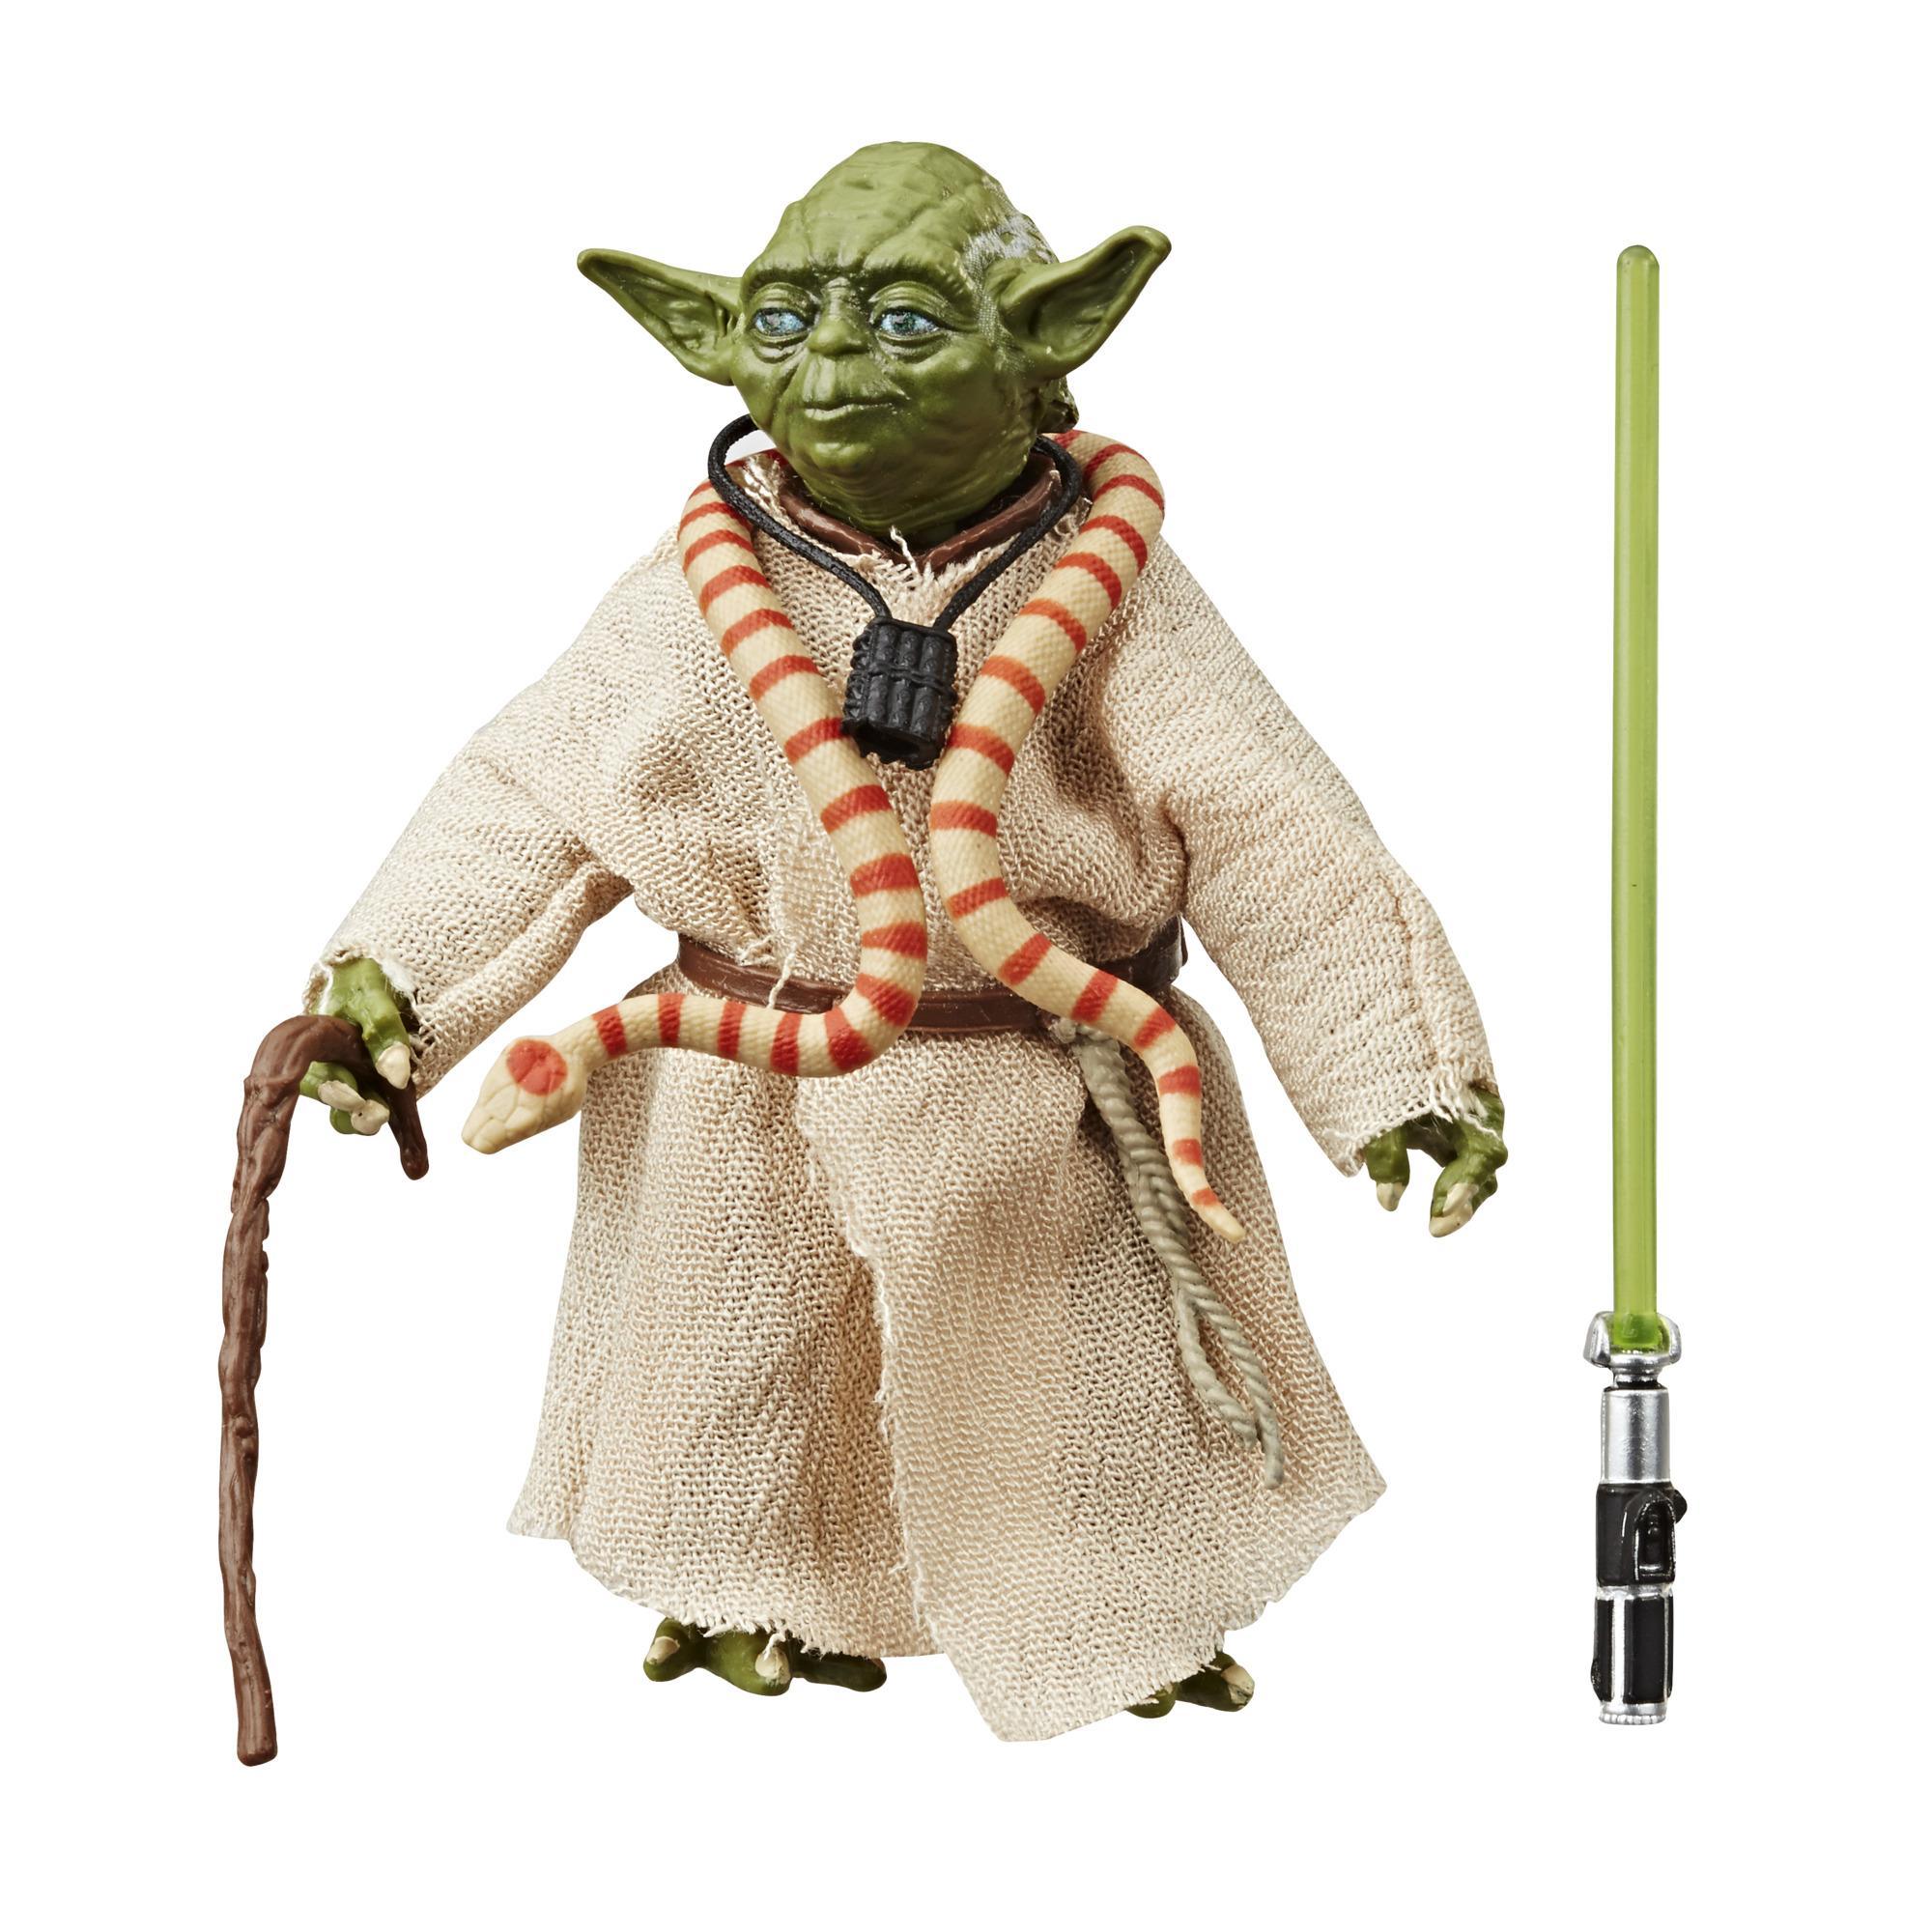 Star Wars The Black Series Yoda Star Wars: Das Imperium schlägt zurück 40-jähriges Jubiläum Action-Figur